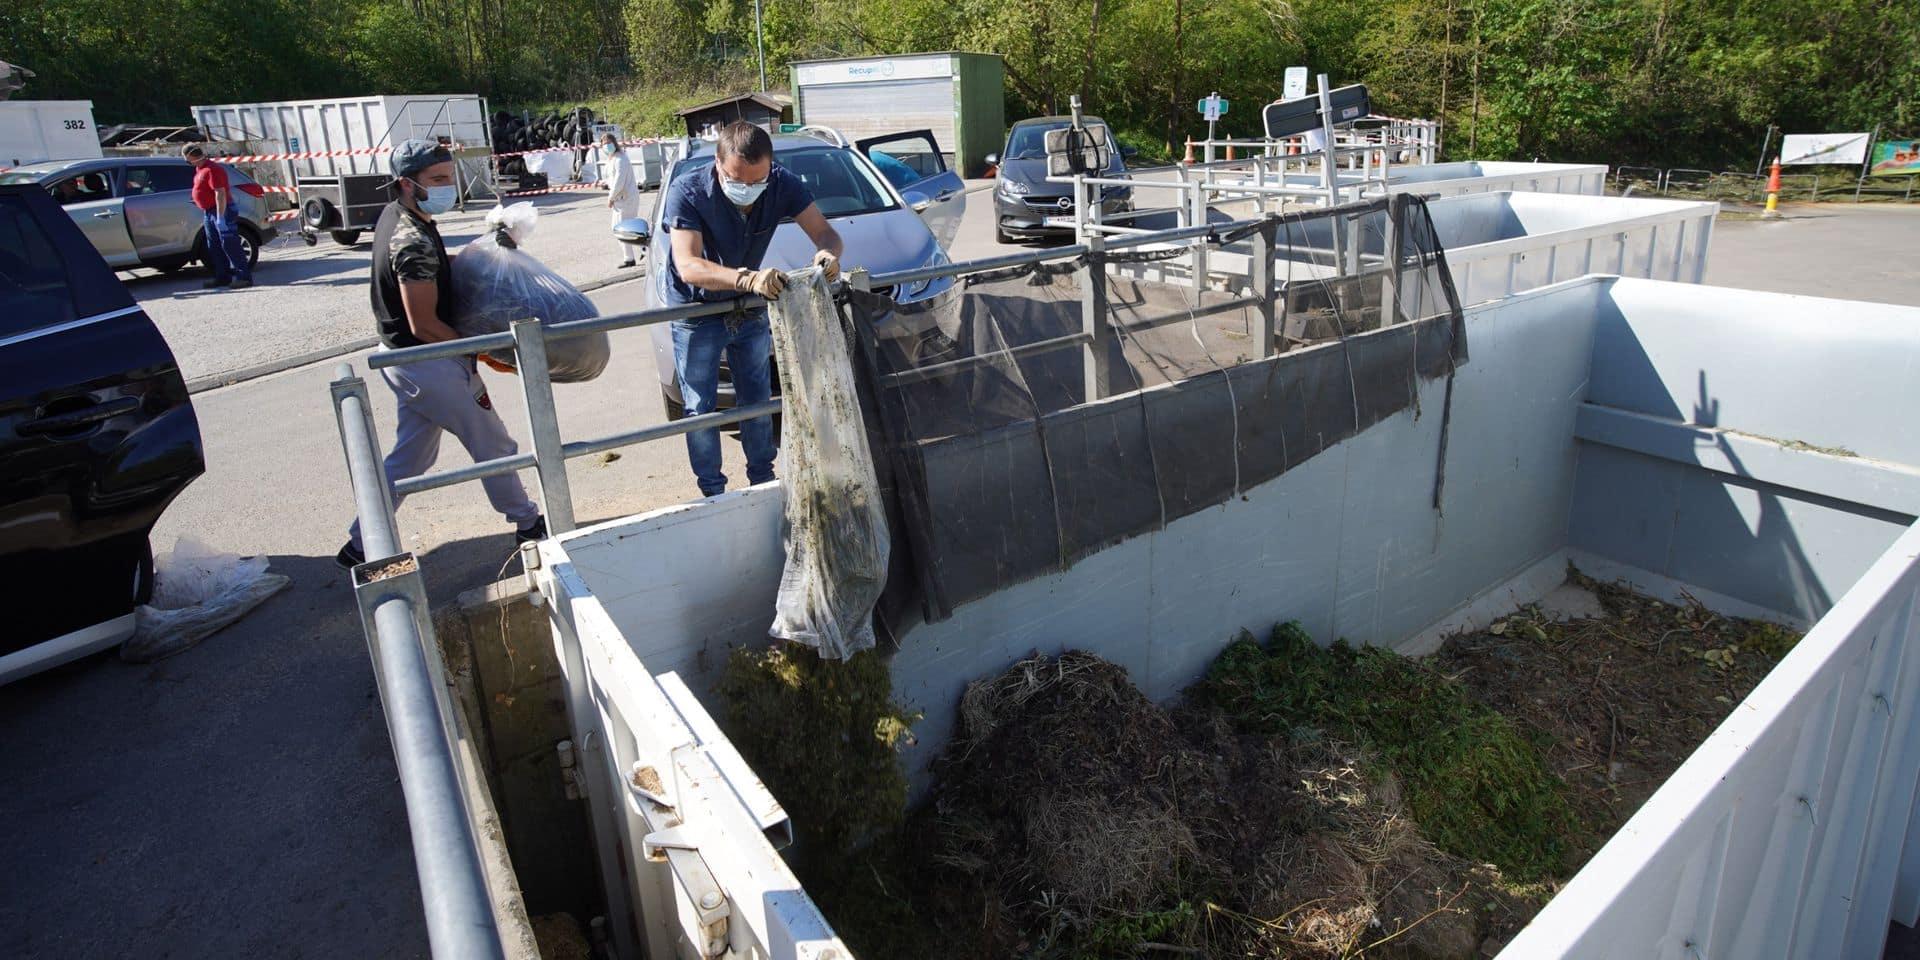 Nouvelle phase le 18 mai dans les recyparcs du Brabant wallon